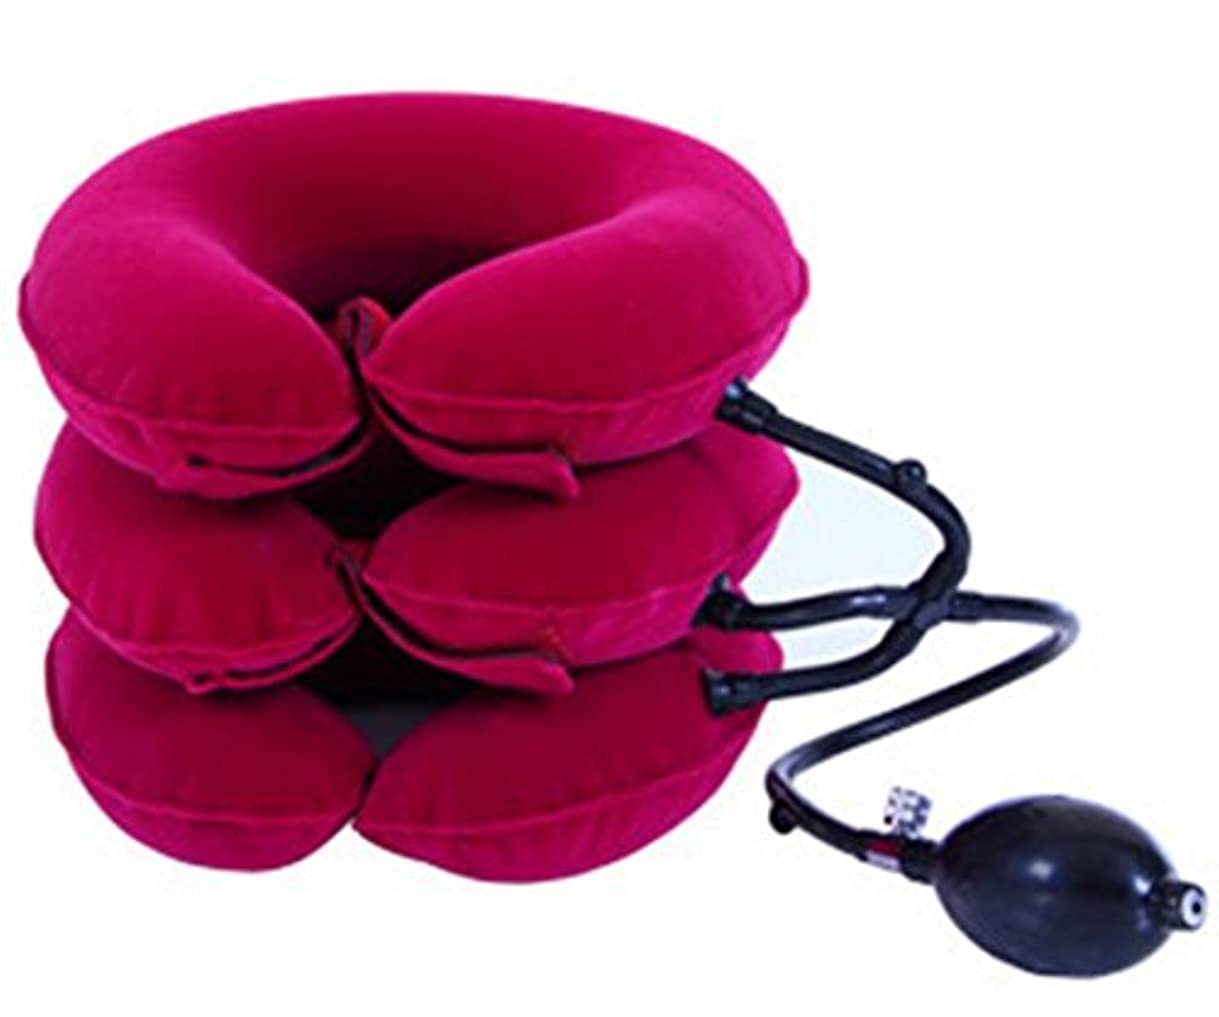 同性愛者ソロ投げ捨てるhiport(ハイポート) 家庭用 ネックストレッチャー トリプルポンプ式 和の三色 紅色